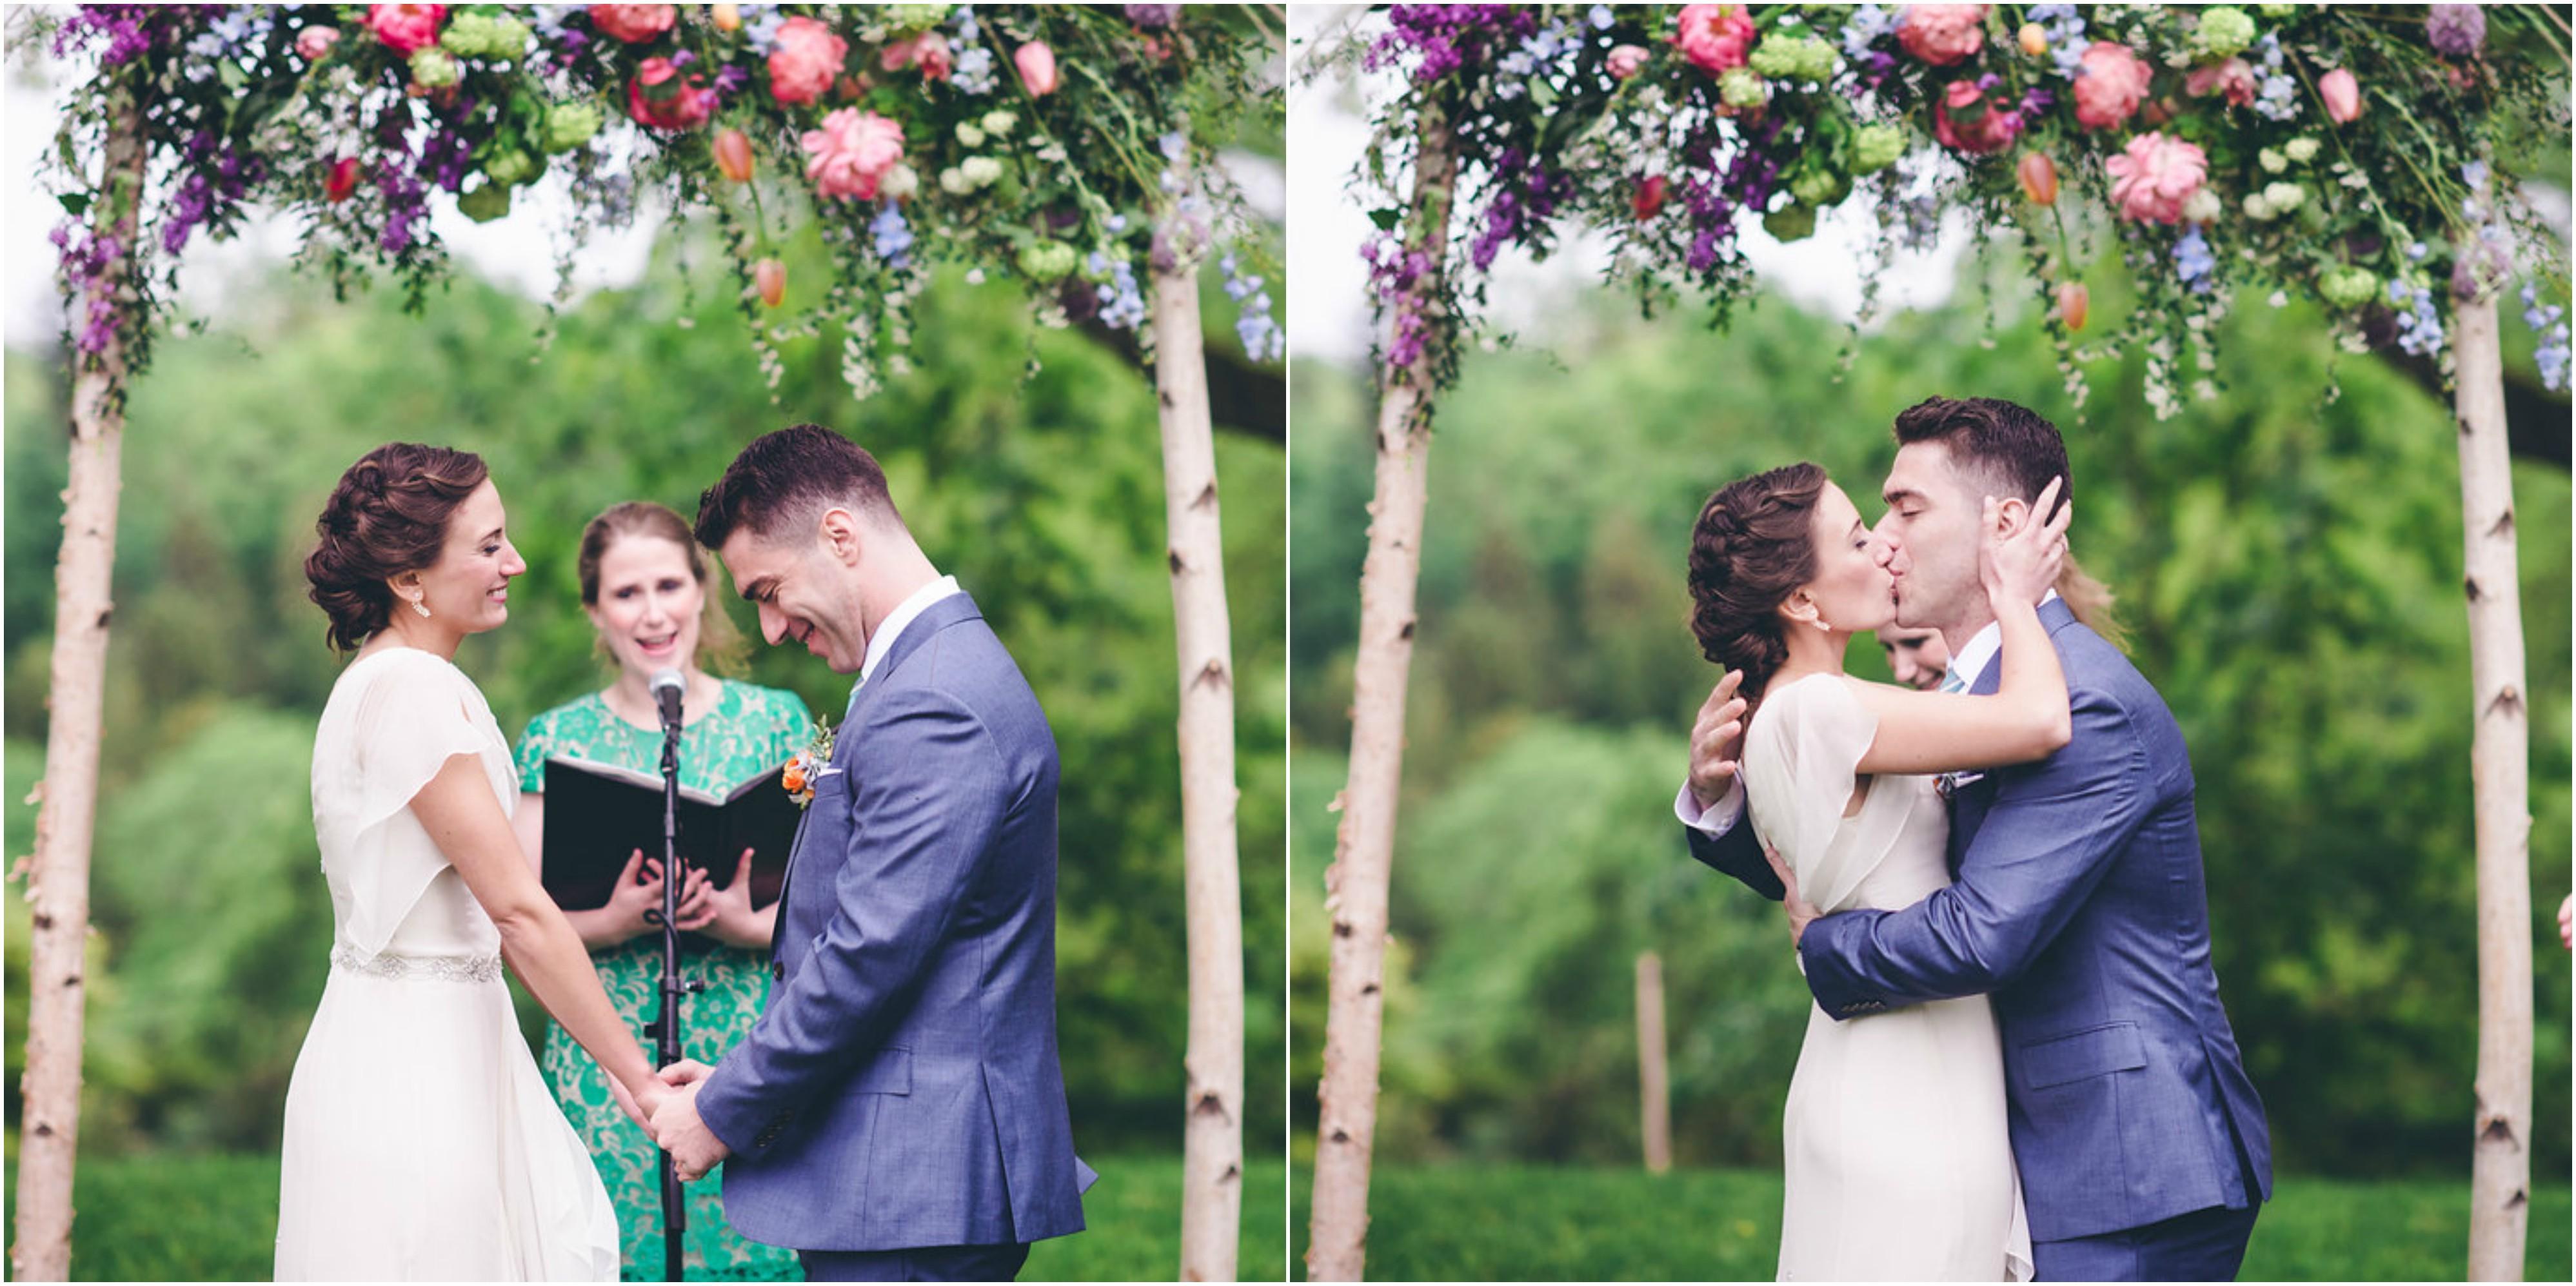 GraceD Photography Philadelphia Wedding Photographer Philly In Love Philadelphia Weddings2